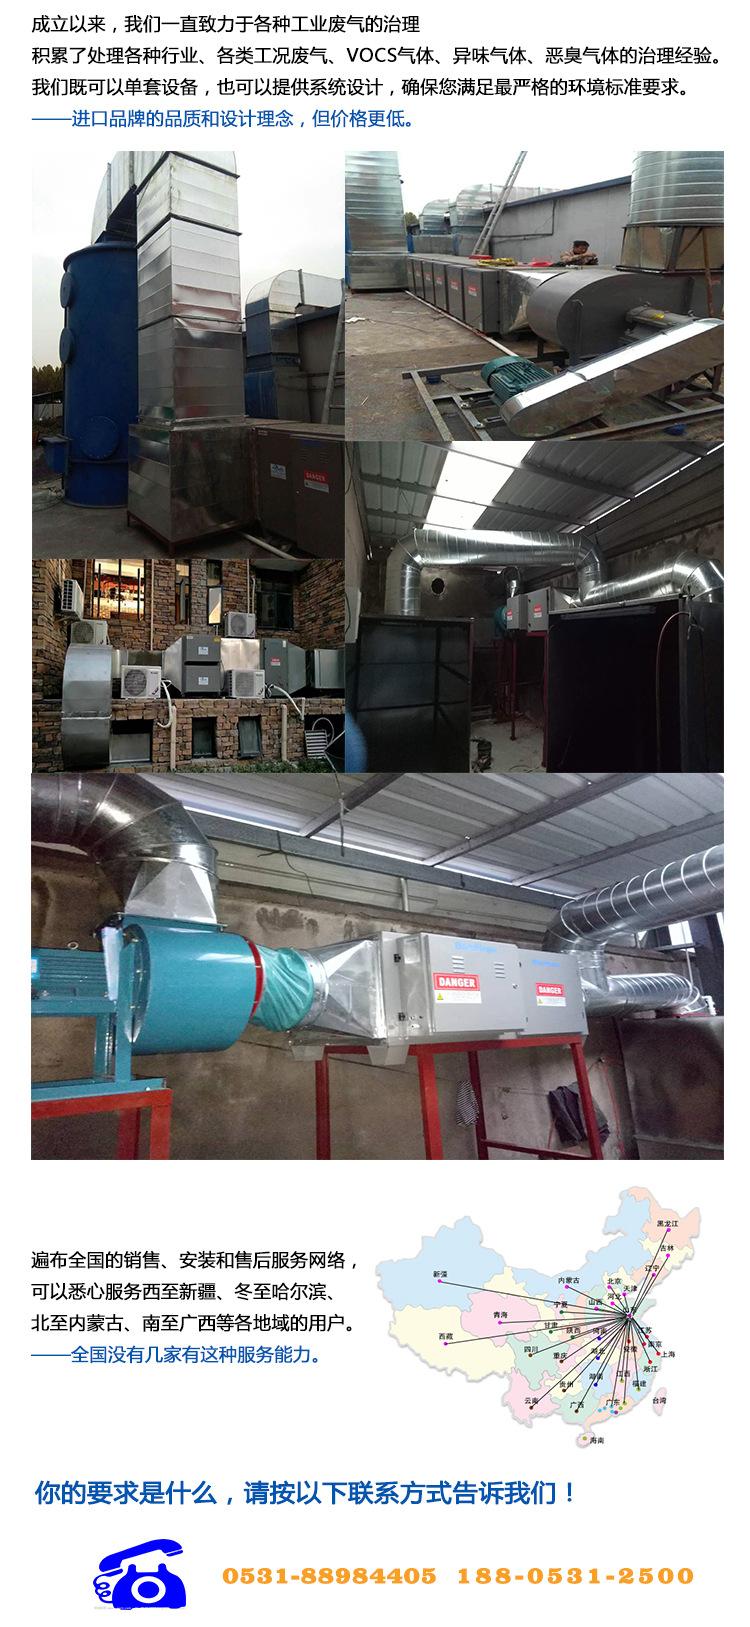 辽宁车间voc废气处理设备厂家,为什么选择大连草木绿——工程案例丰富,服务能力强